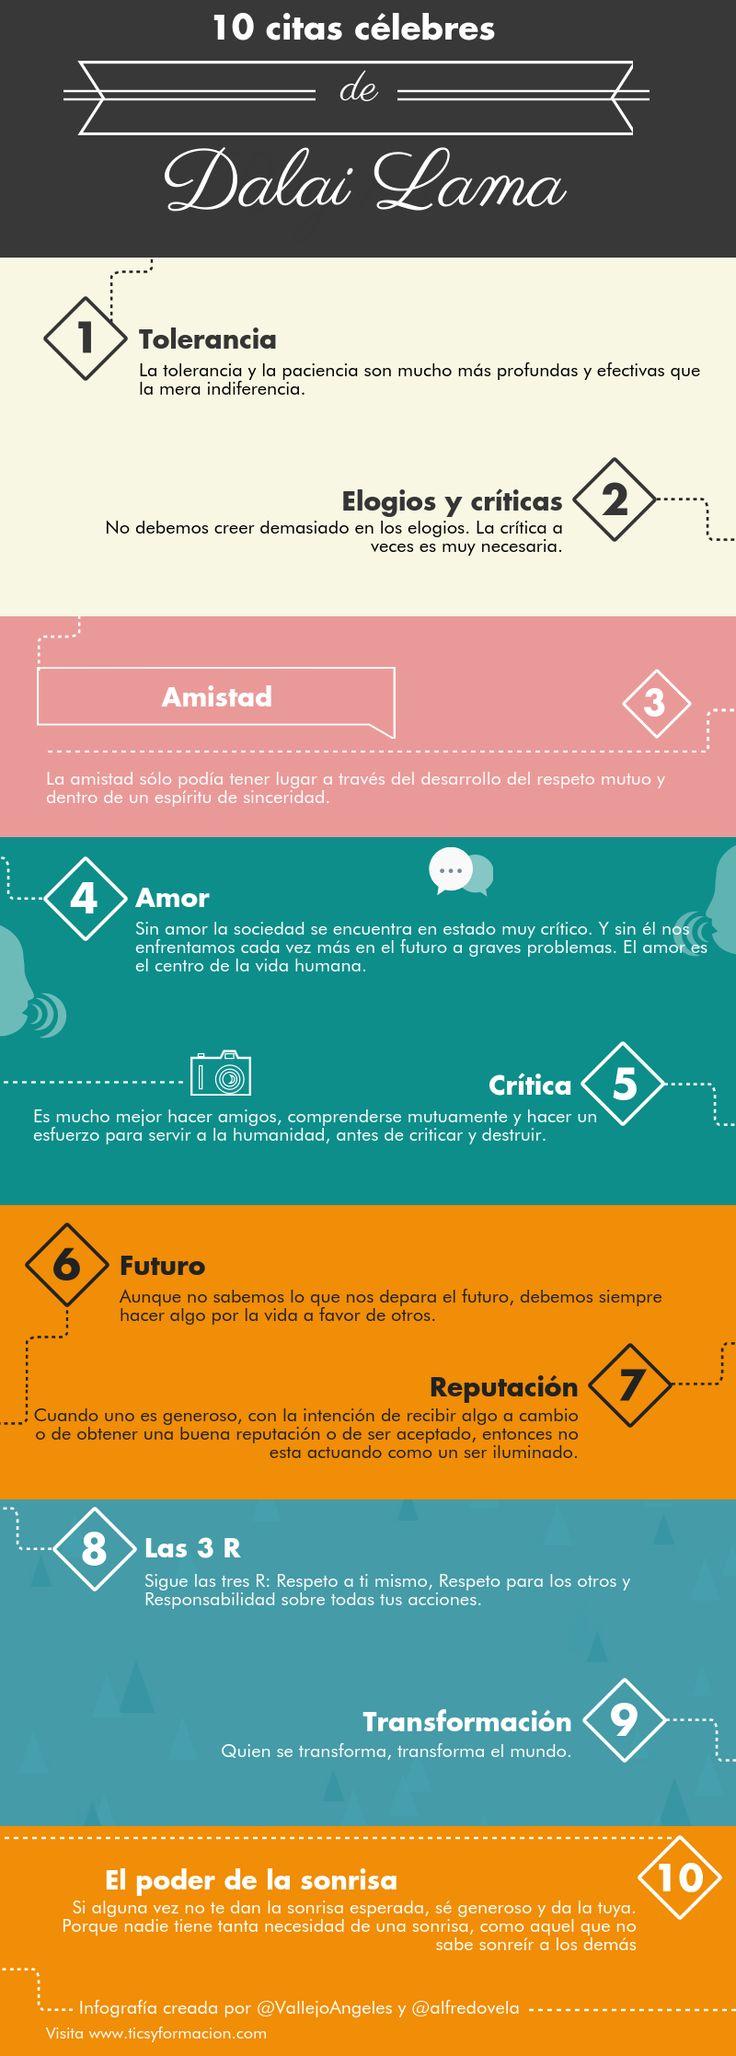 10 citas célebres del Dalai Lama #infografia #infographic #citas #quotes